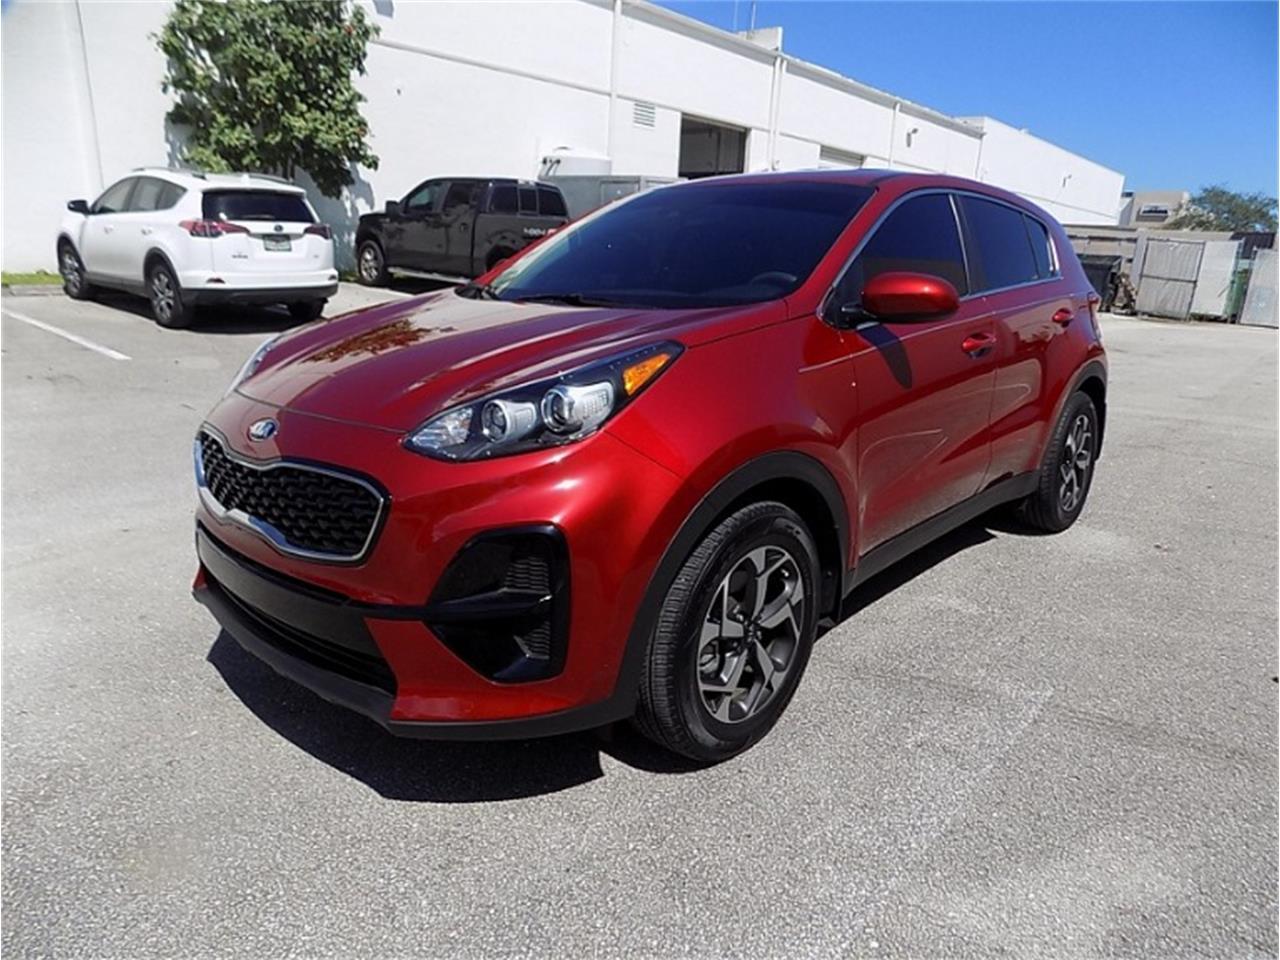 2020 Kia Sportage (CC-1418081) for sale in Pompano Beach, Florida